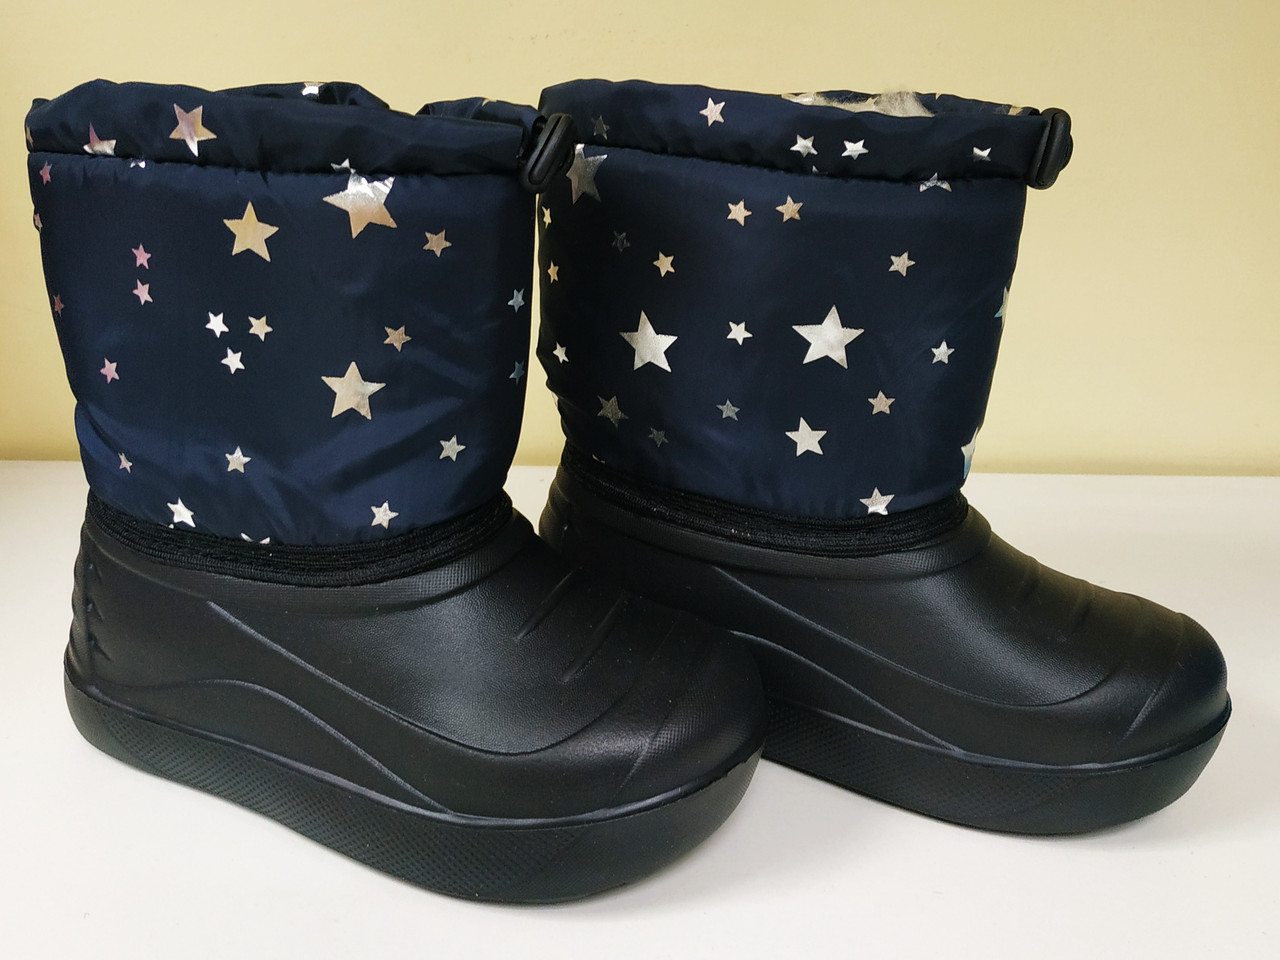 b5685d083 Ботинки водонепроницаемые утеплённые детские (мальчик/девочка) на меху.  Размеры 28-34